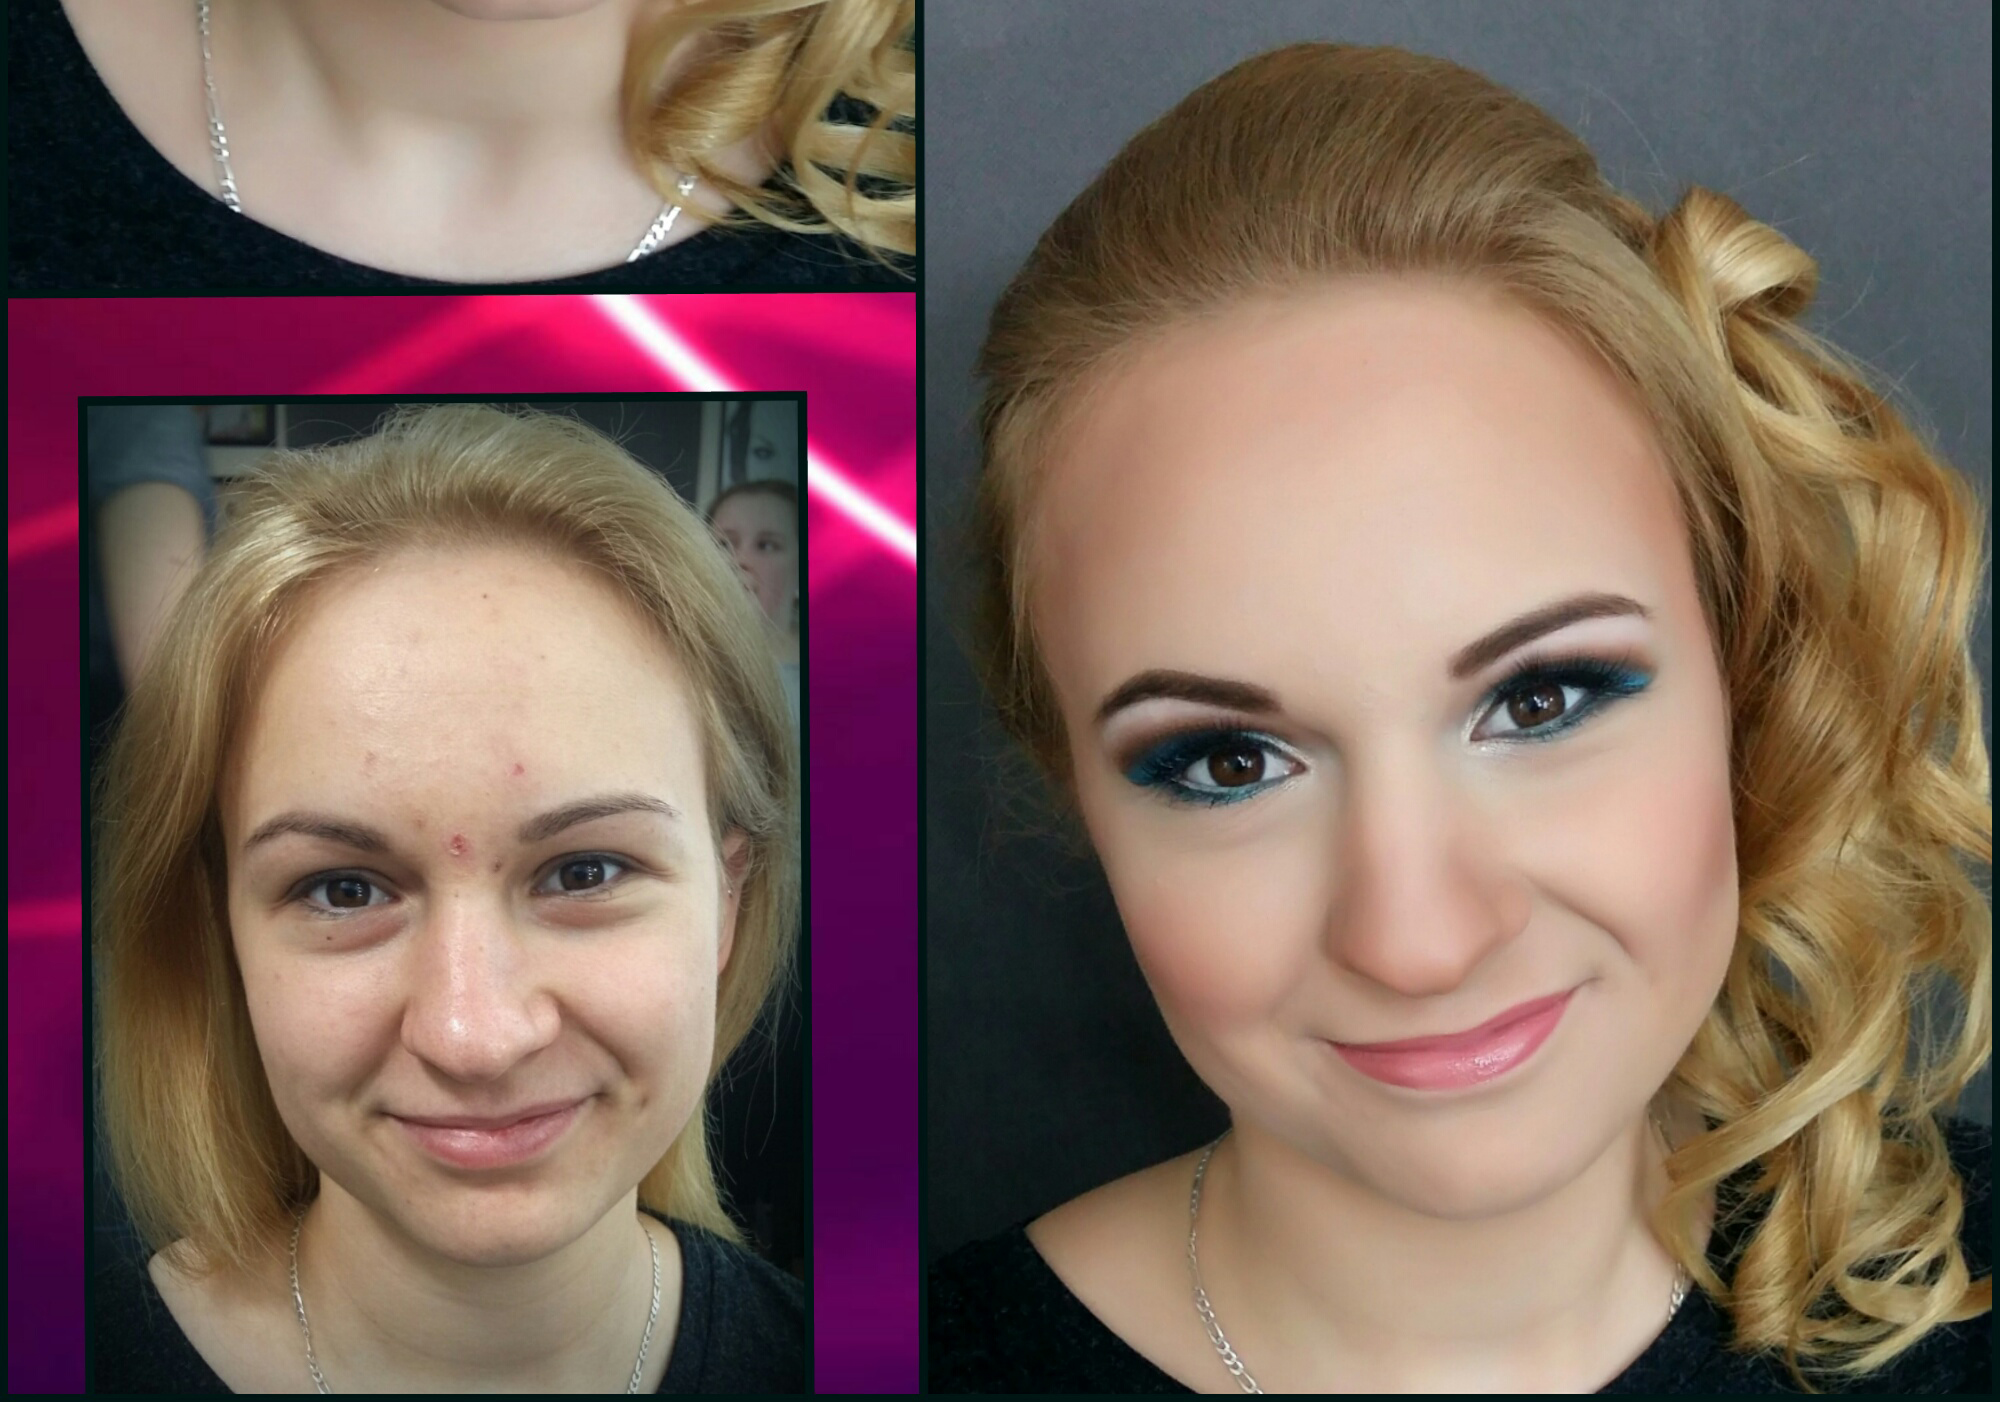 Sposób i rodzaje kosmetyków do kamuflowania poszczególnych niedoskonałości